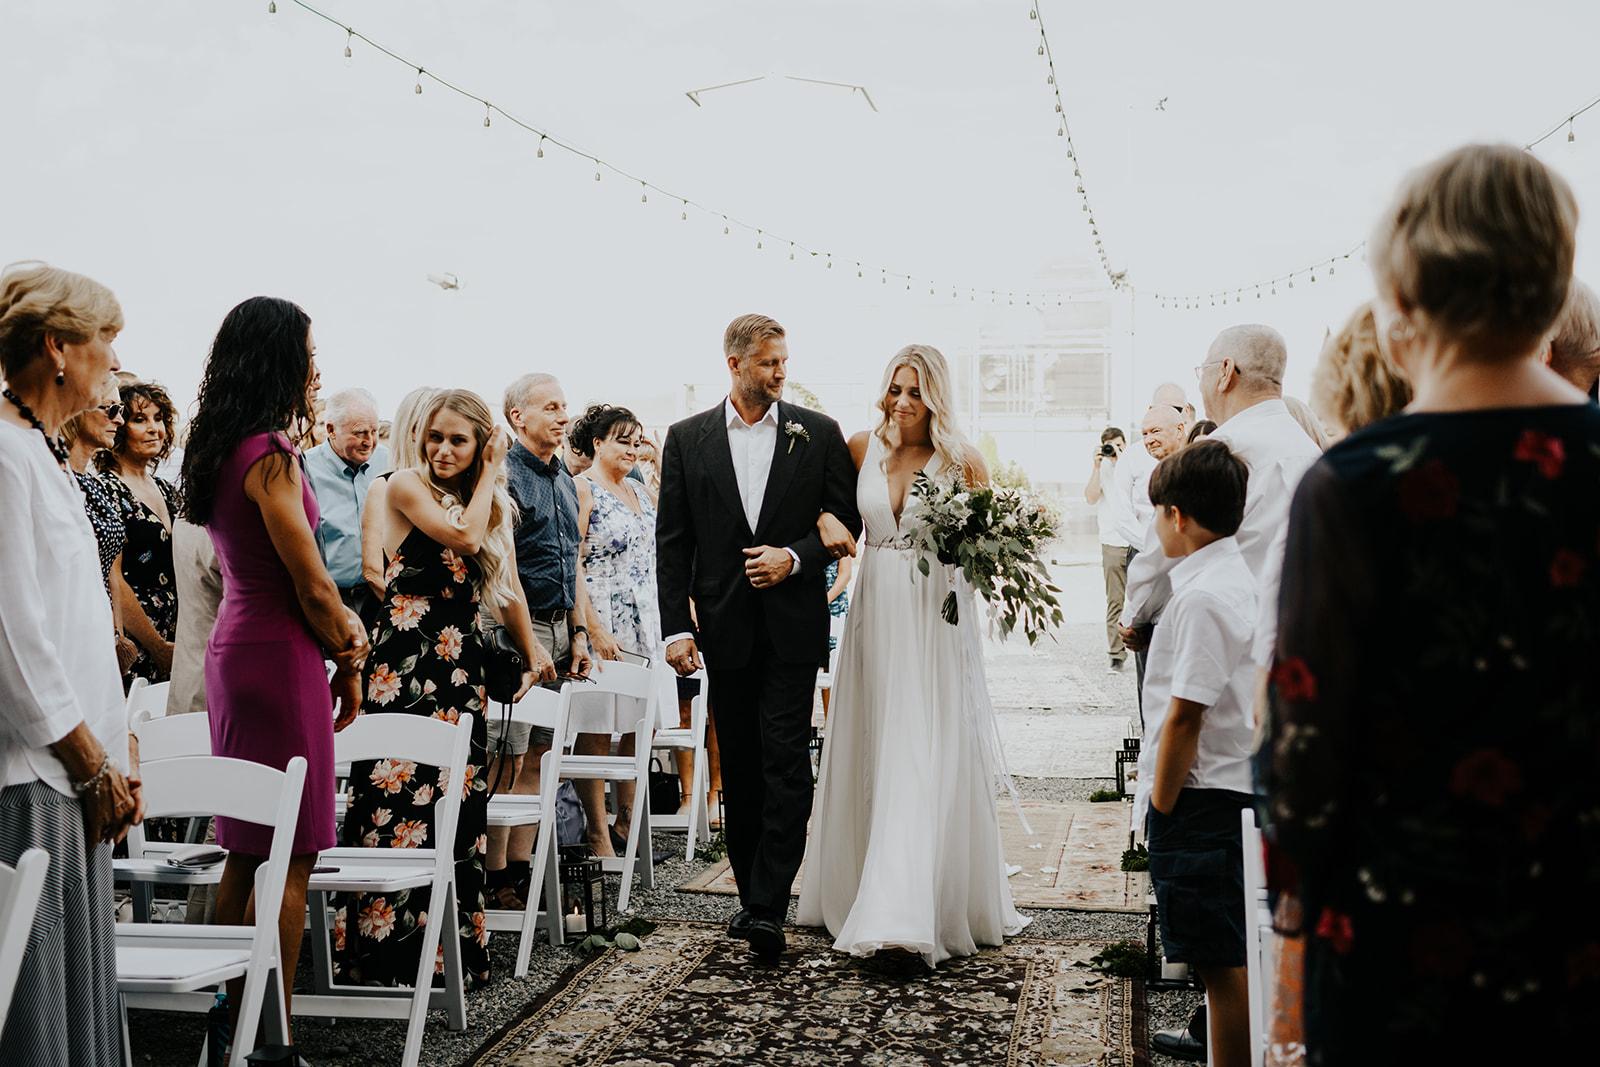 ginapaulson_larabryce_wedding-731.jpg